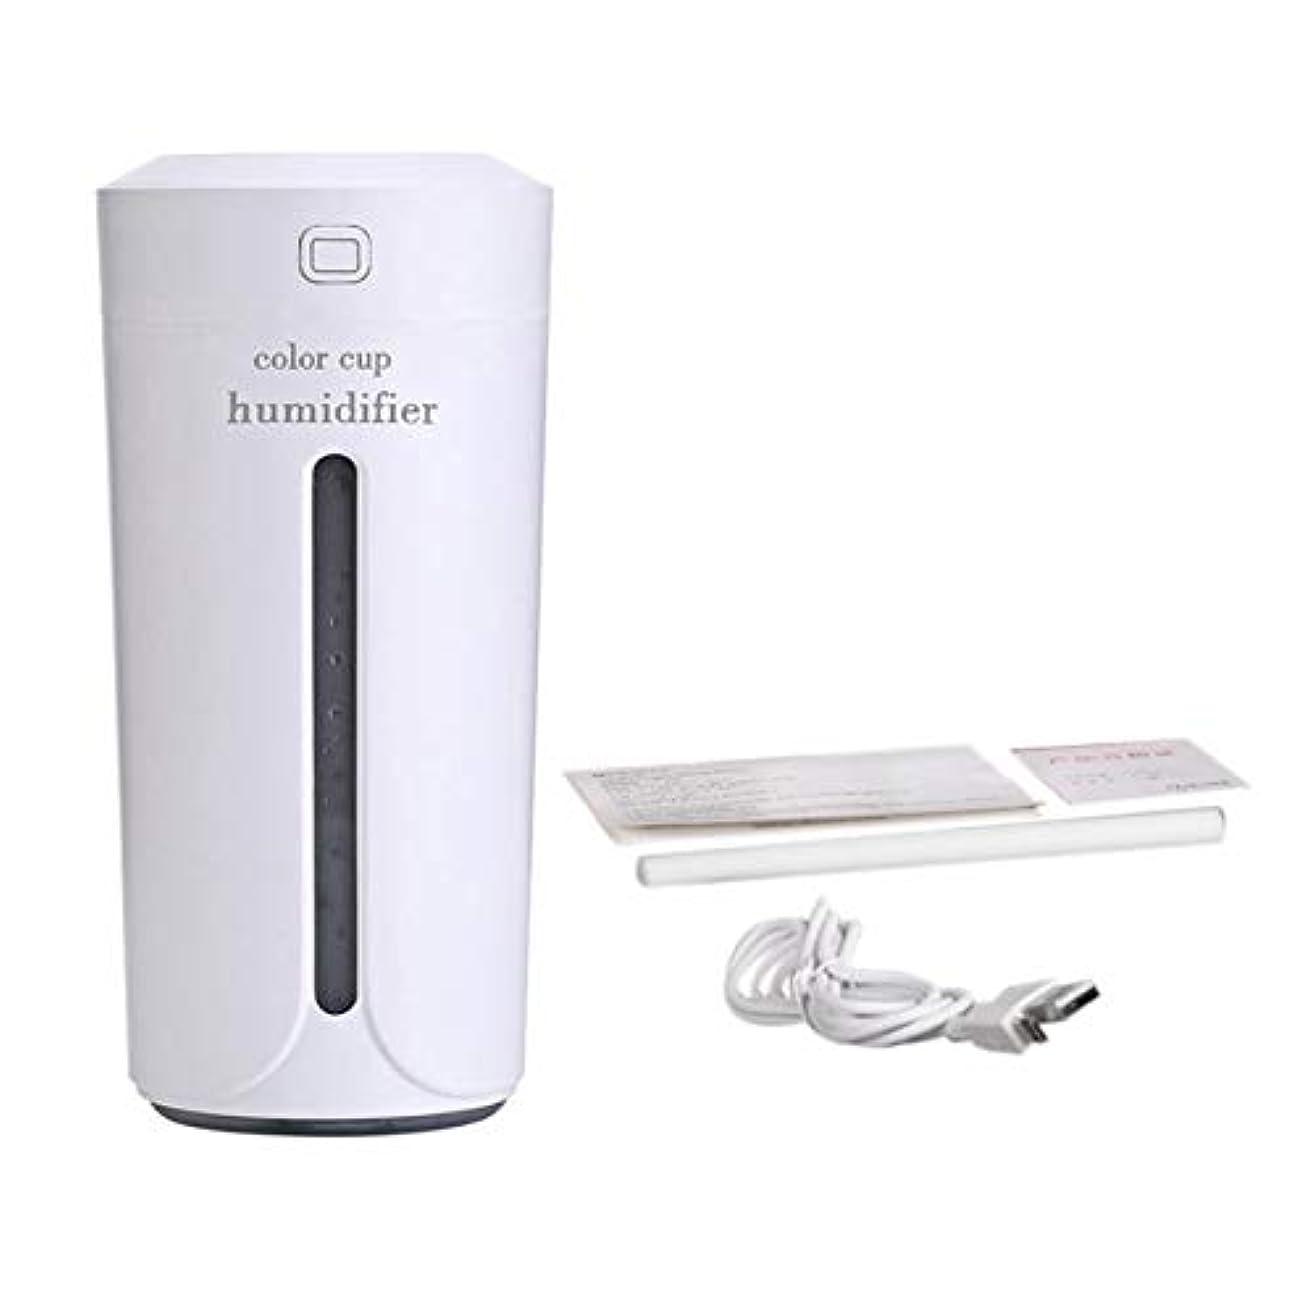 移動ピボットいわゆるSaikogoods 車のホームのための空気Moistenerノイズレスカラフルなナイトライトミストメーカーを充電ミニカップ形状の空気加湿器USB 白